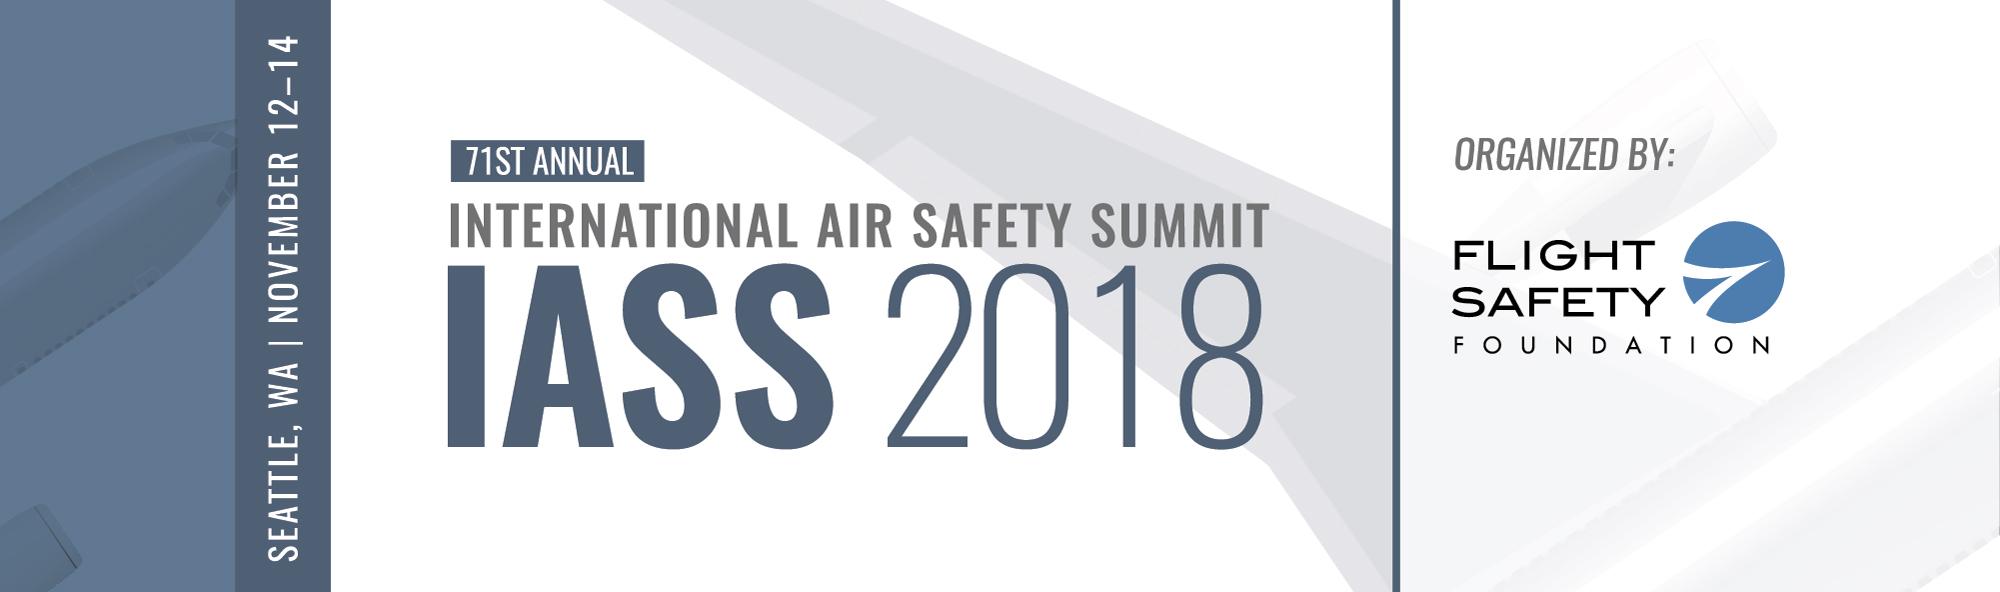 IASS 2018